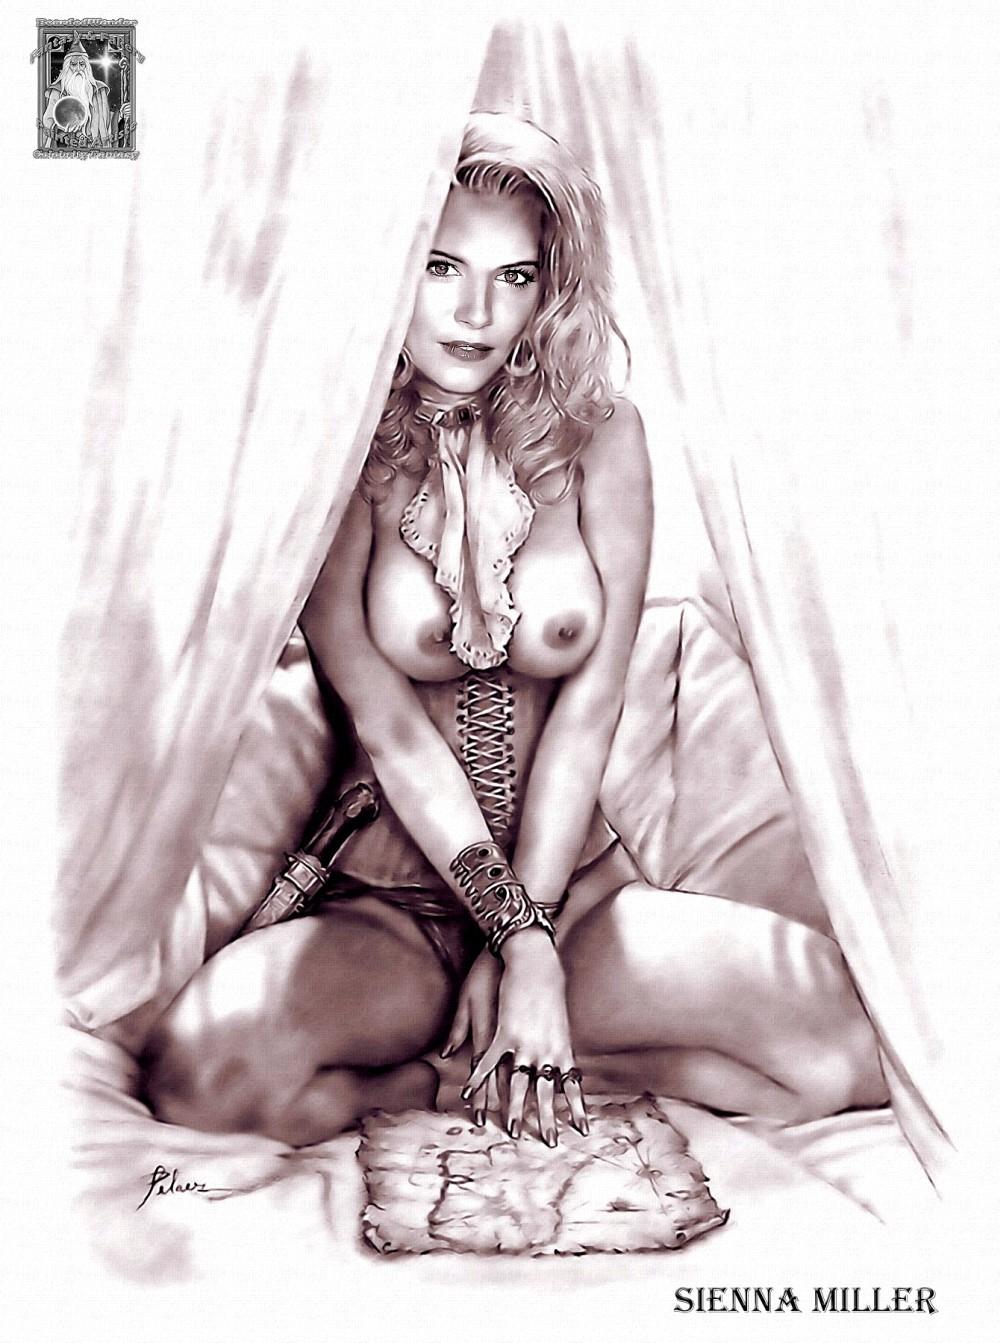 Секс картинки тёлки раскрашенные краской 12 фотография